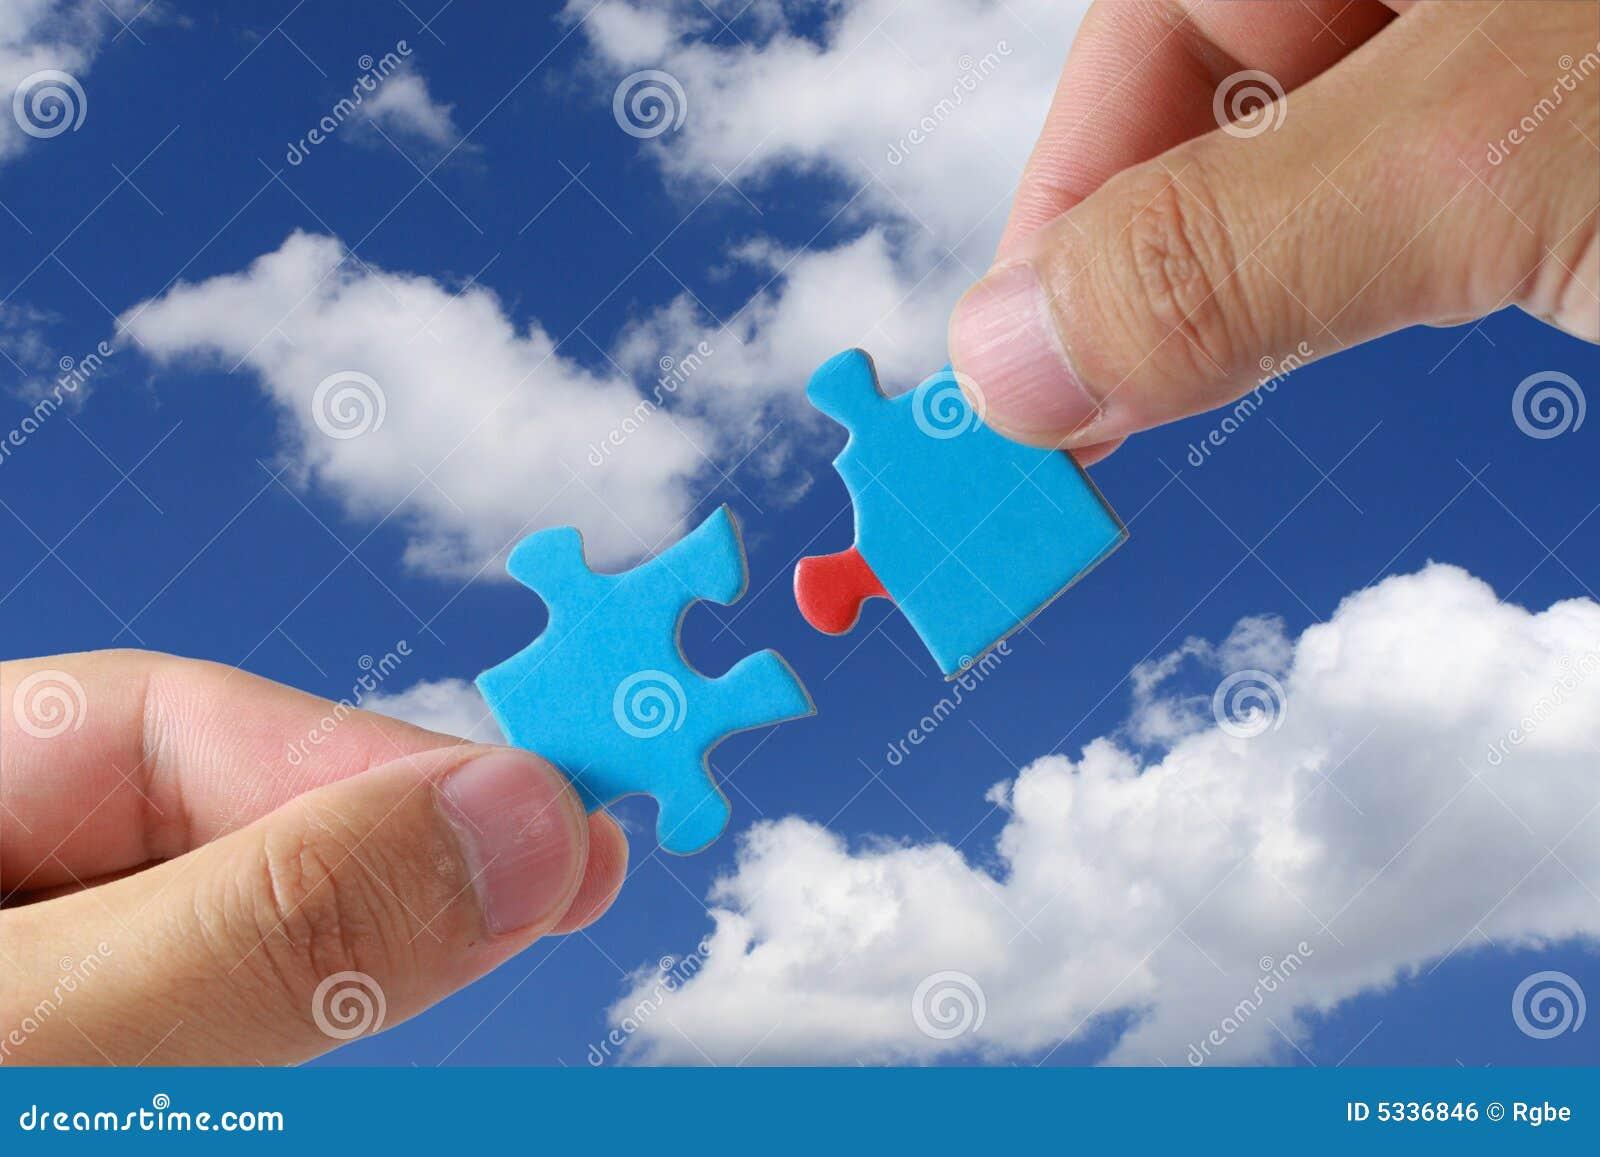 El trabajo en equipo construye sueños